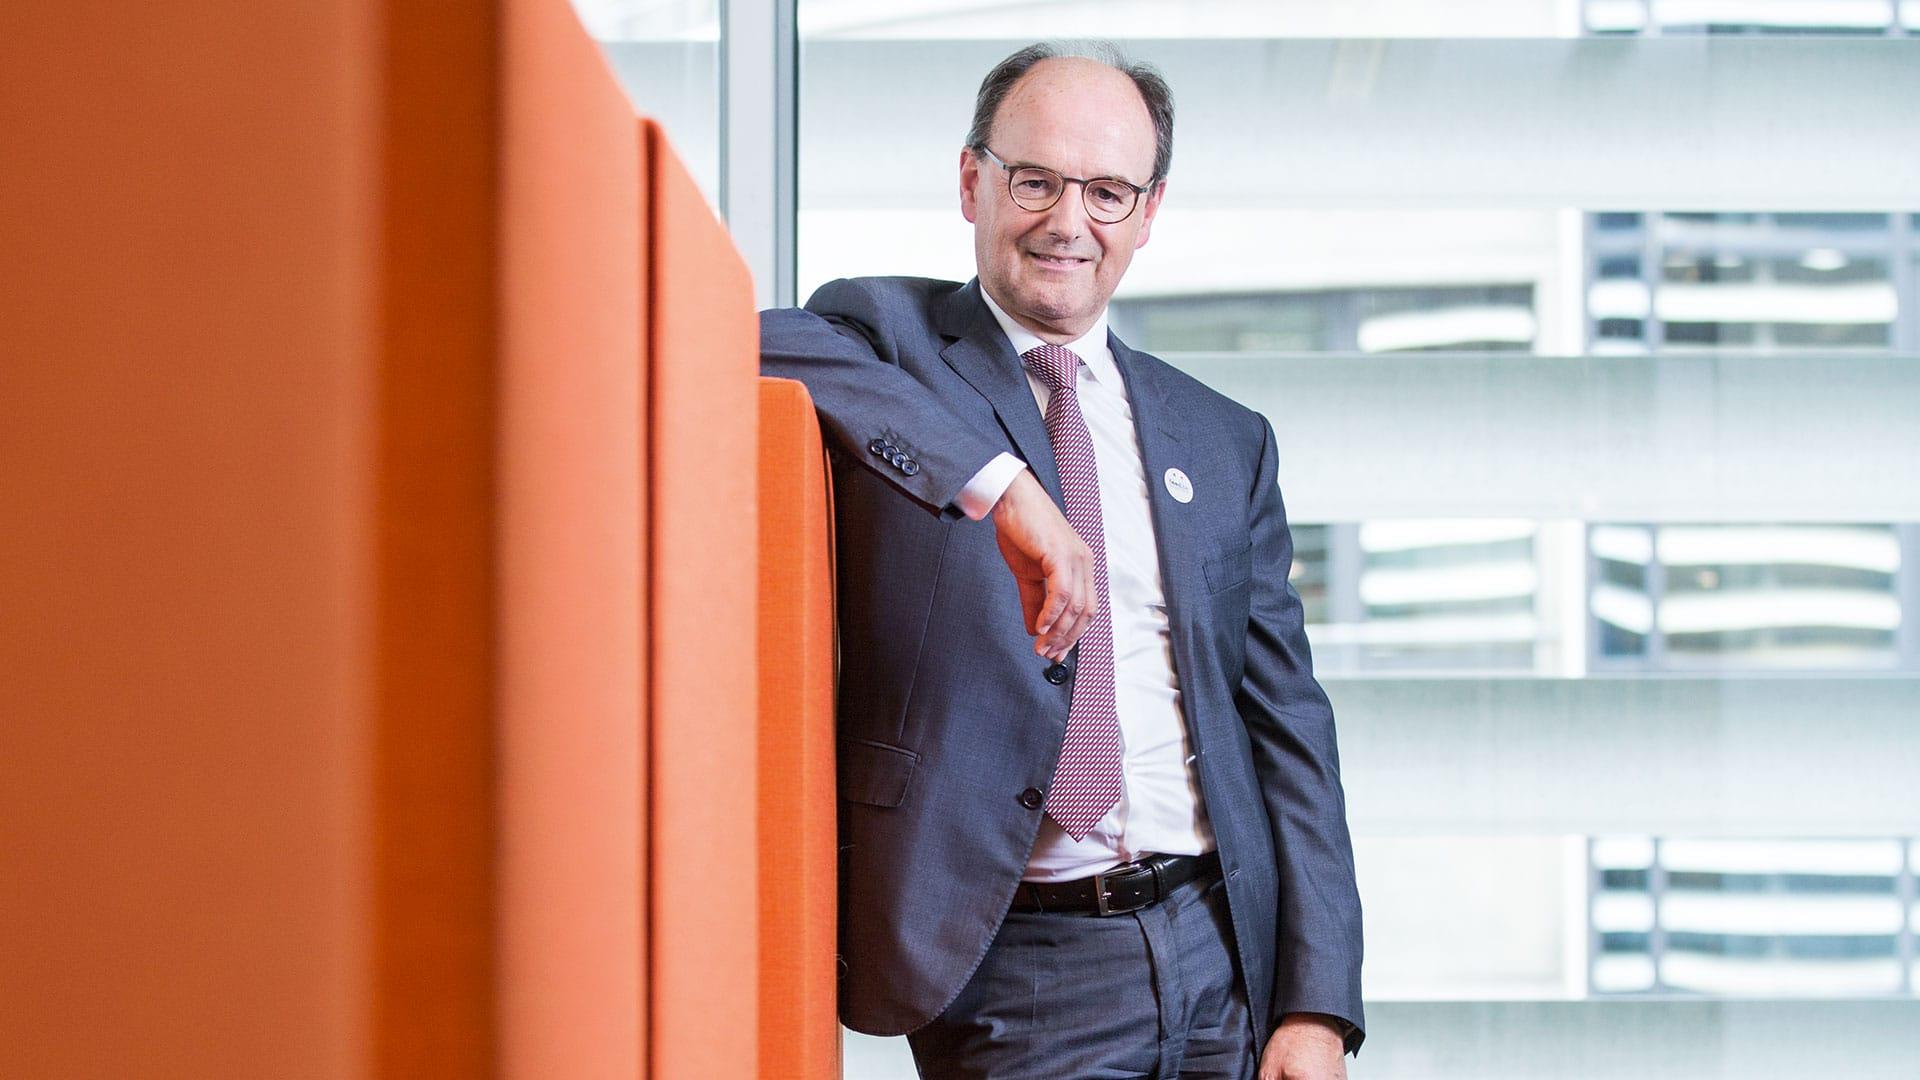 Jan Vander Stichele leunt met een arm op oranje blokken terwijl hij lachend kijkt naar de camera